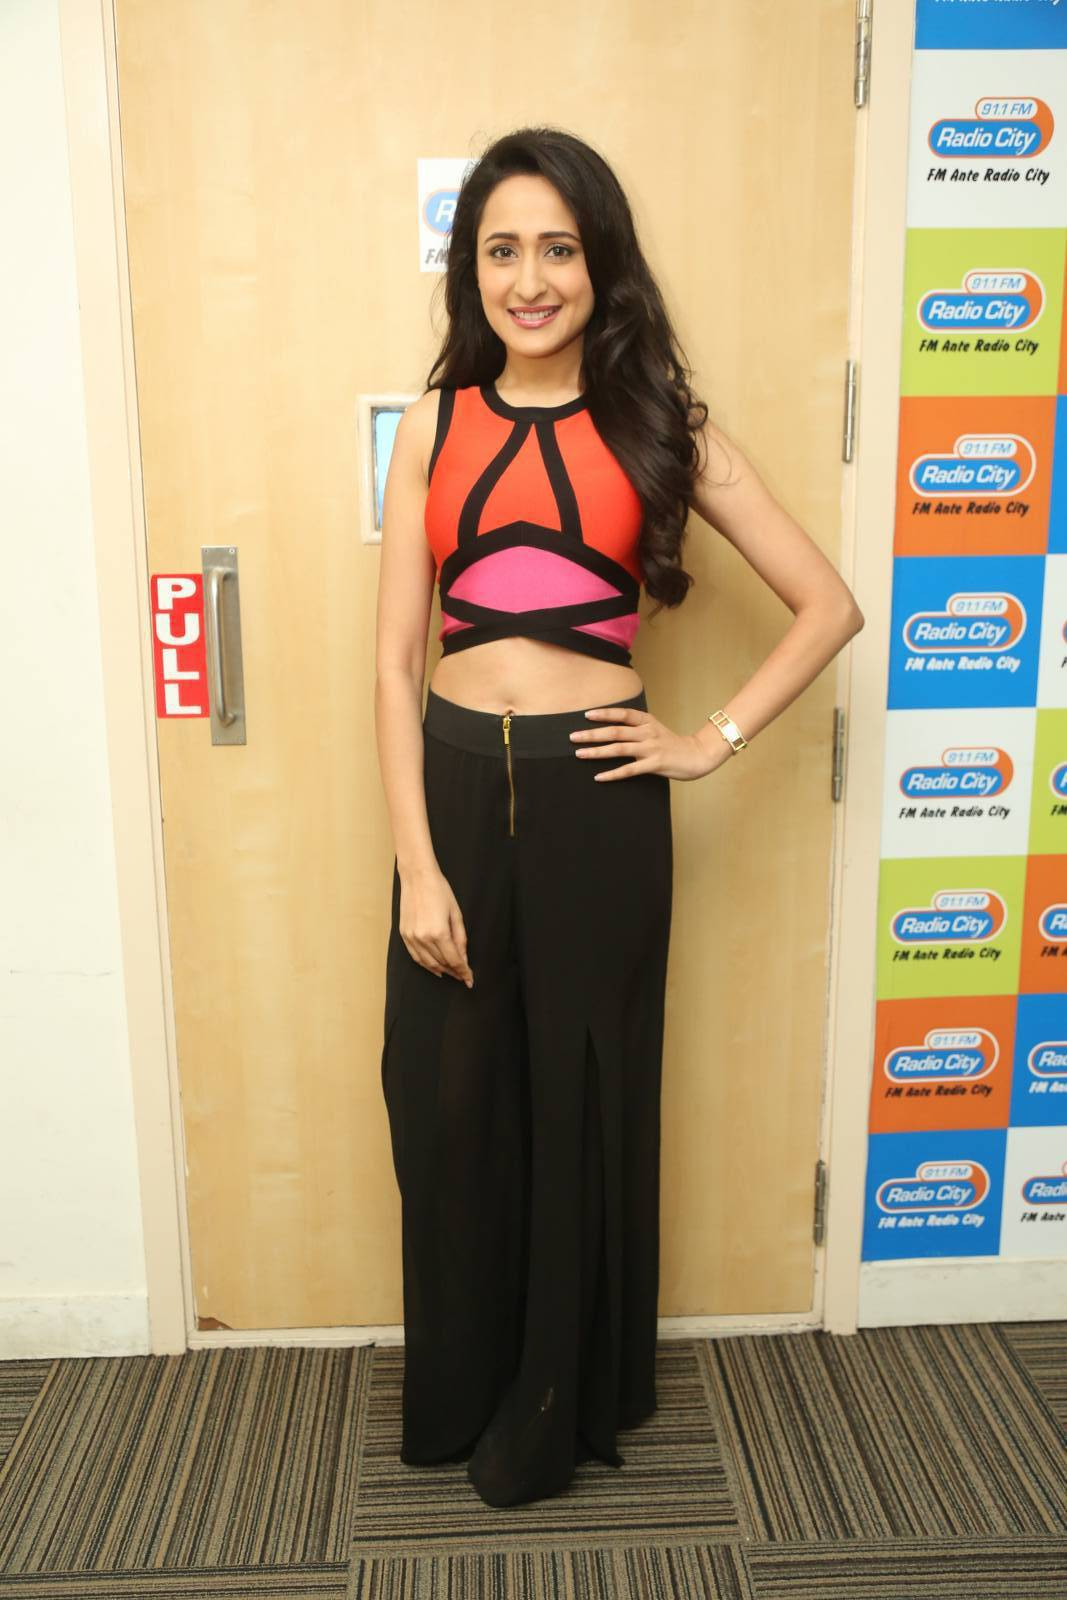 Tollywood Actress Pragya Jaiswal Hot Long Hair Style Photos In Orange Top